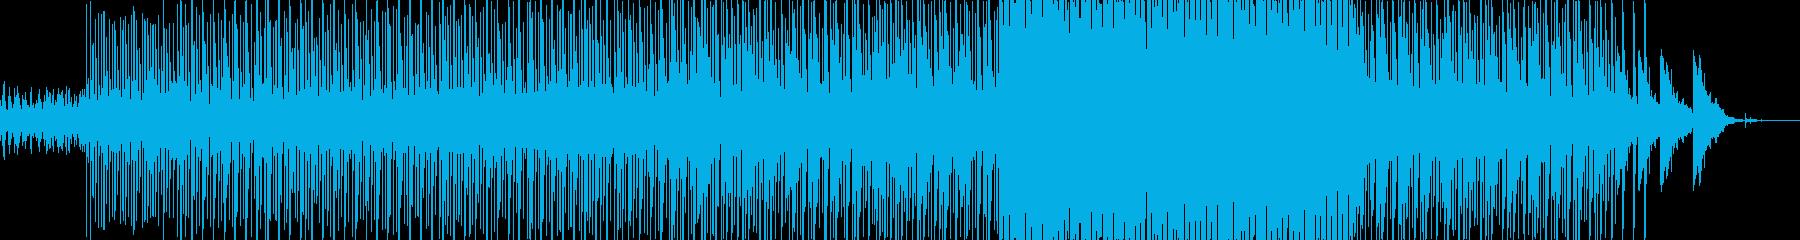 ダーク/サスペンス/怪しい/不穏の再生済みの波形